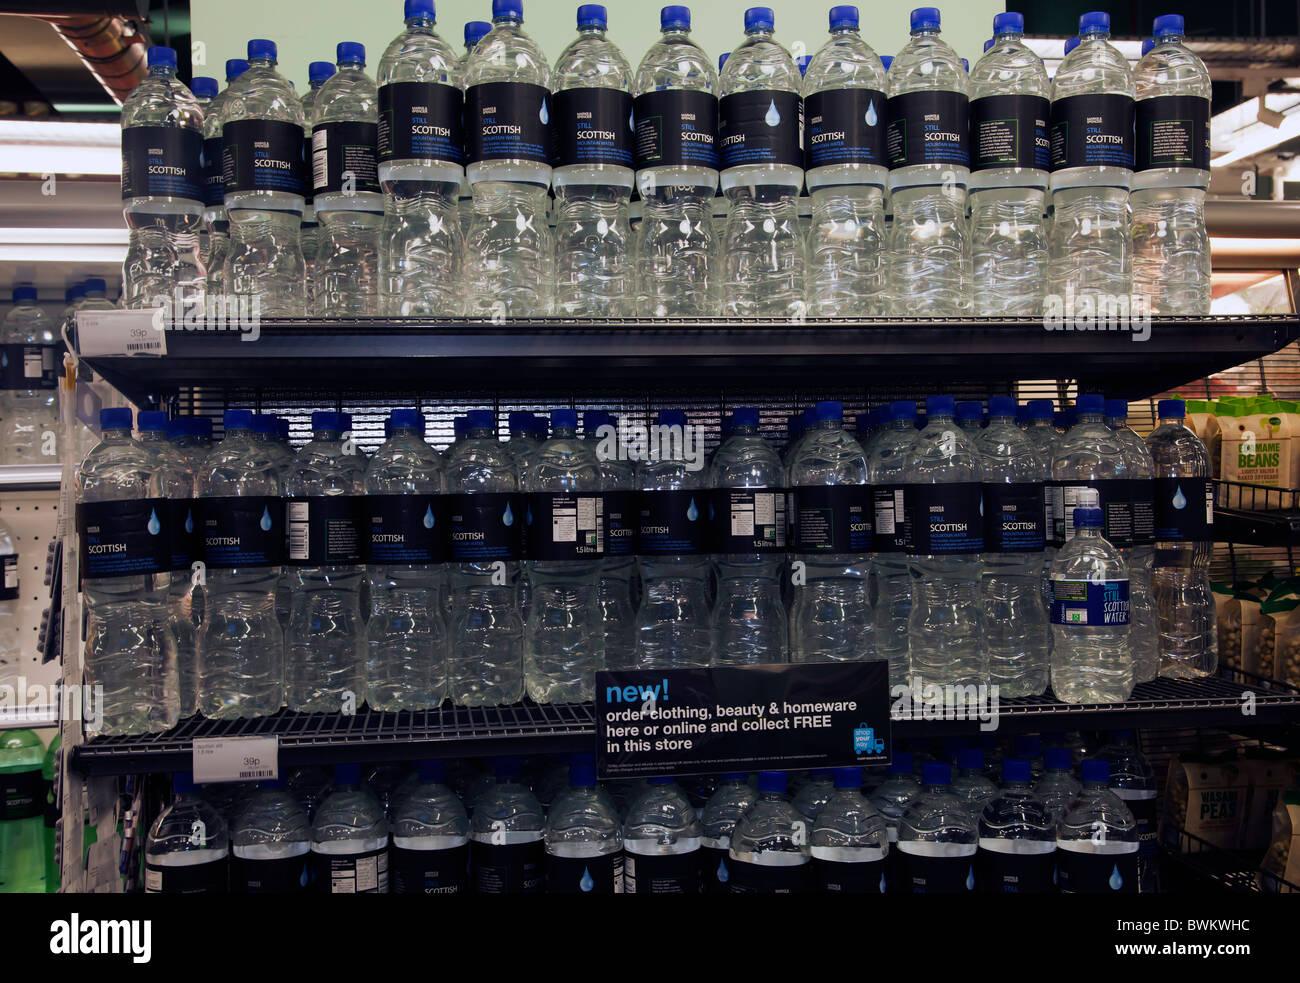 Acqua in bottiglia Bottiglie acqua acqua potabile in negozio Immagini Stock